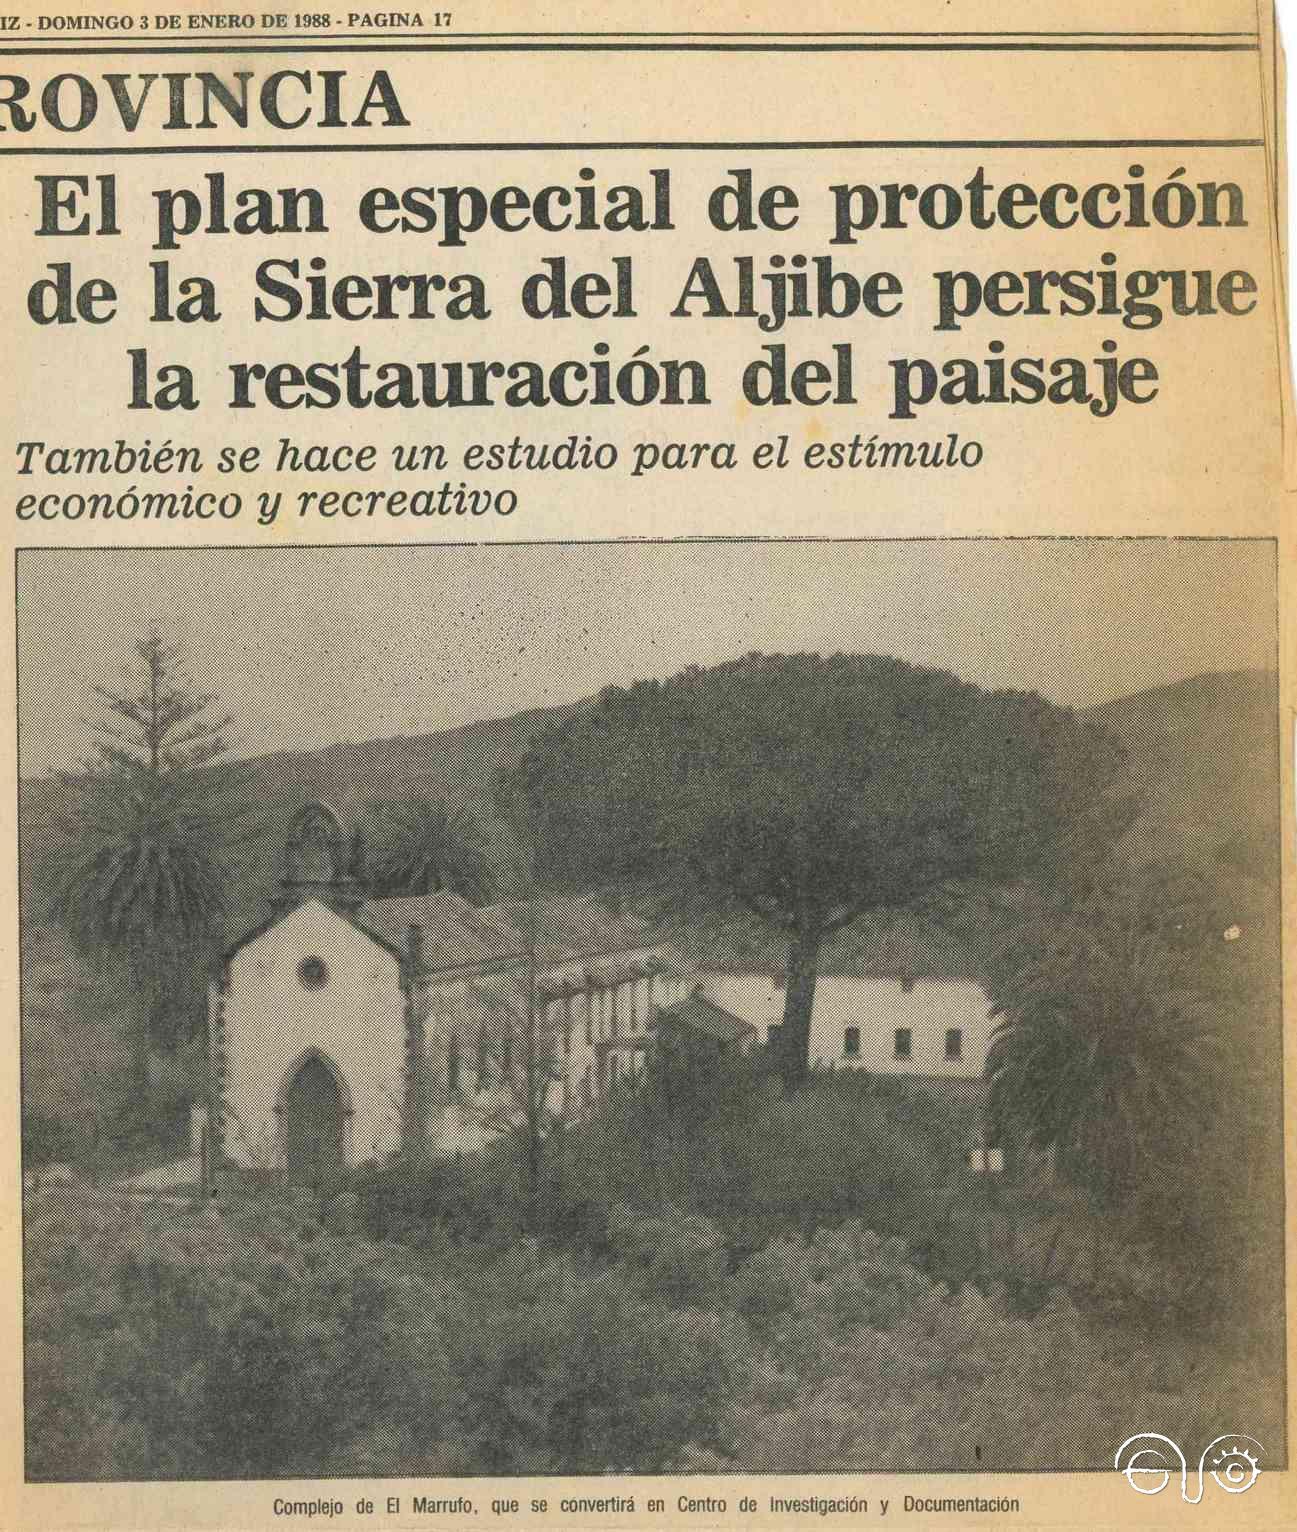 Recorte del reportaje de Diario de Cádiz, con fotografía del Marrufo, de 3 de enero de 1988.